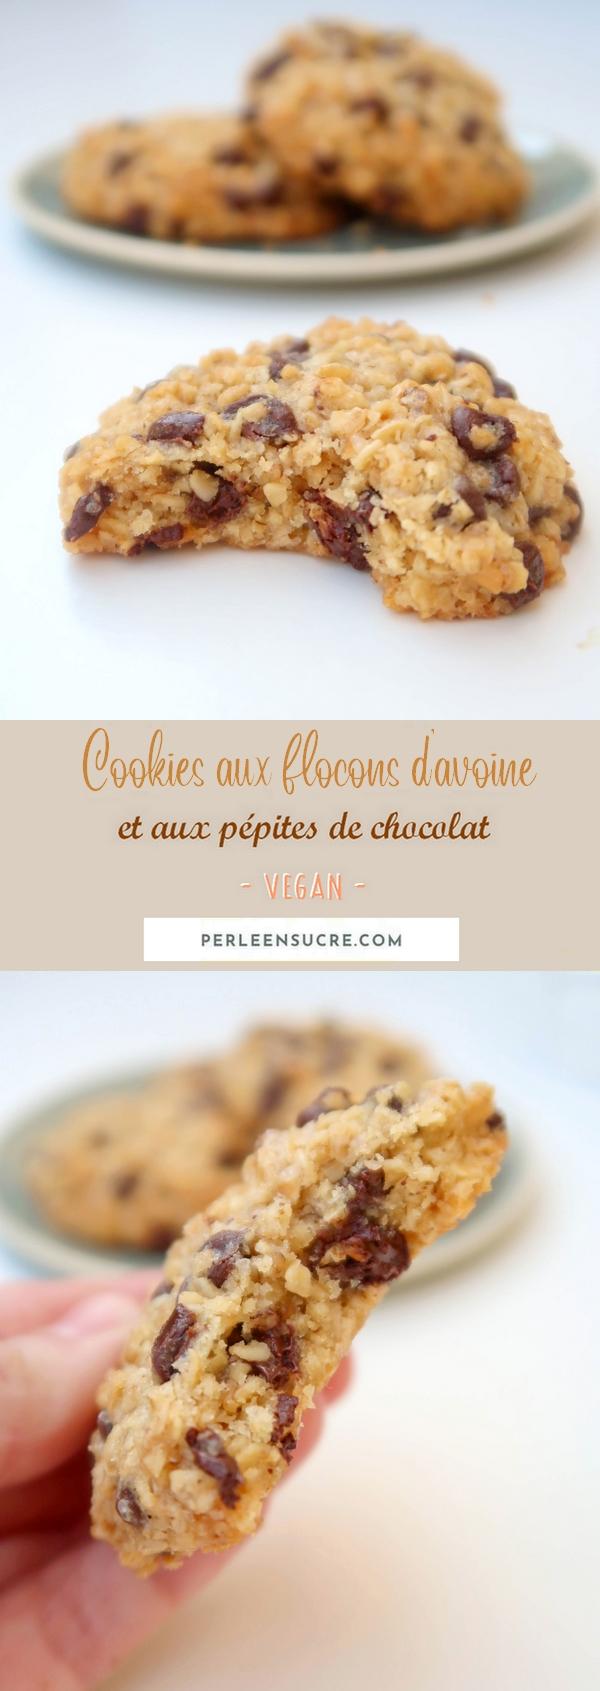 Cookies aux flocons d'avoine et au chocolat {vegan}